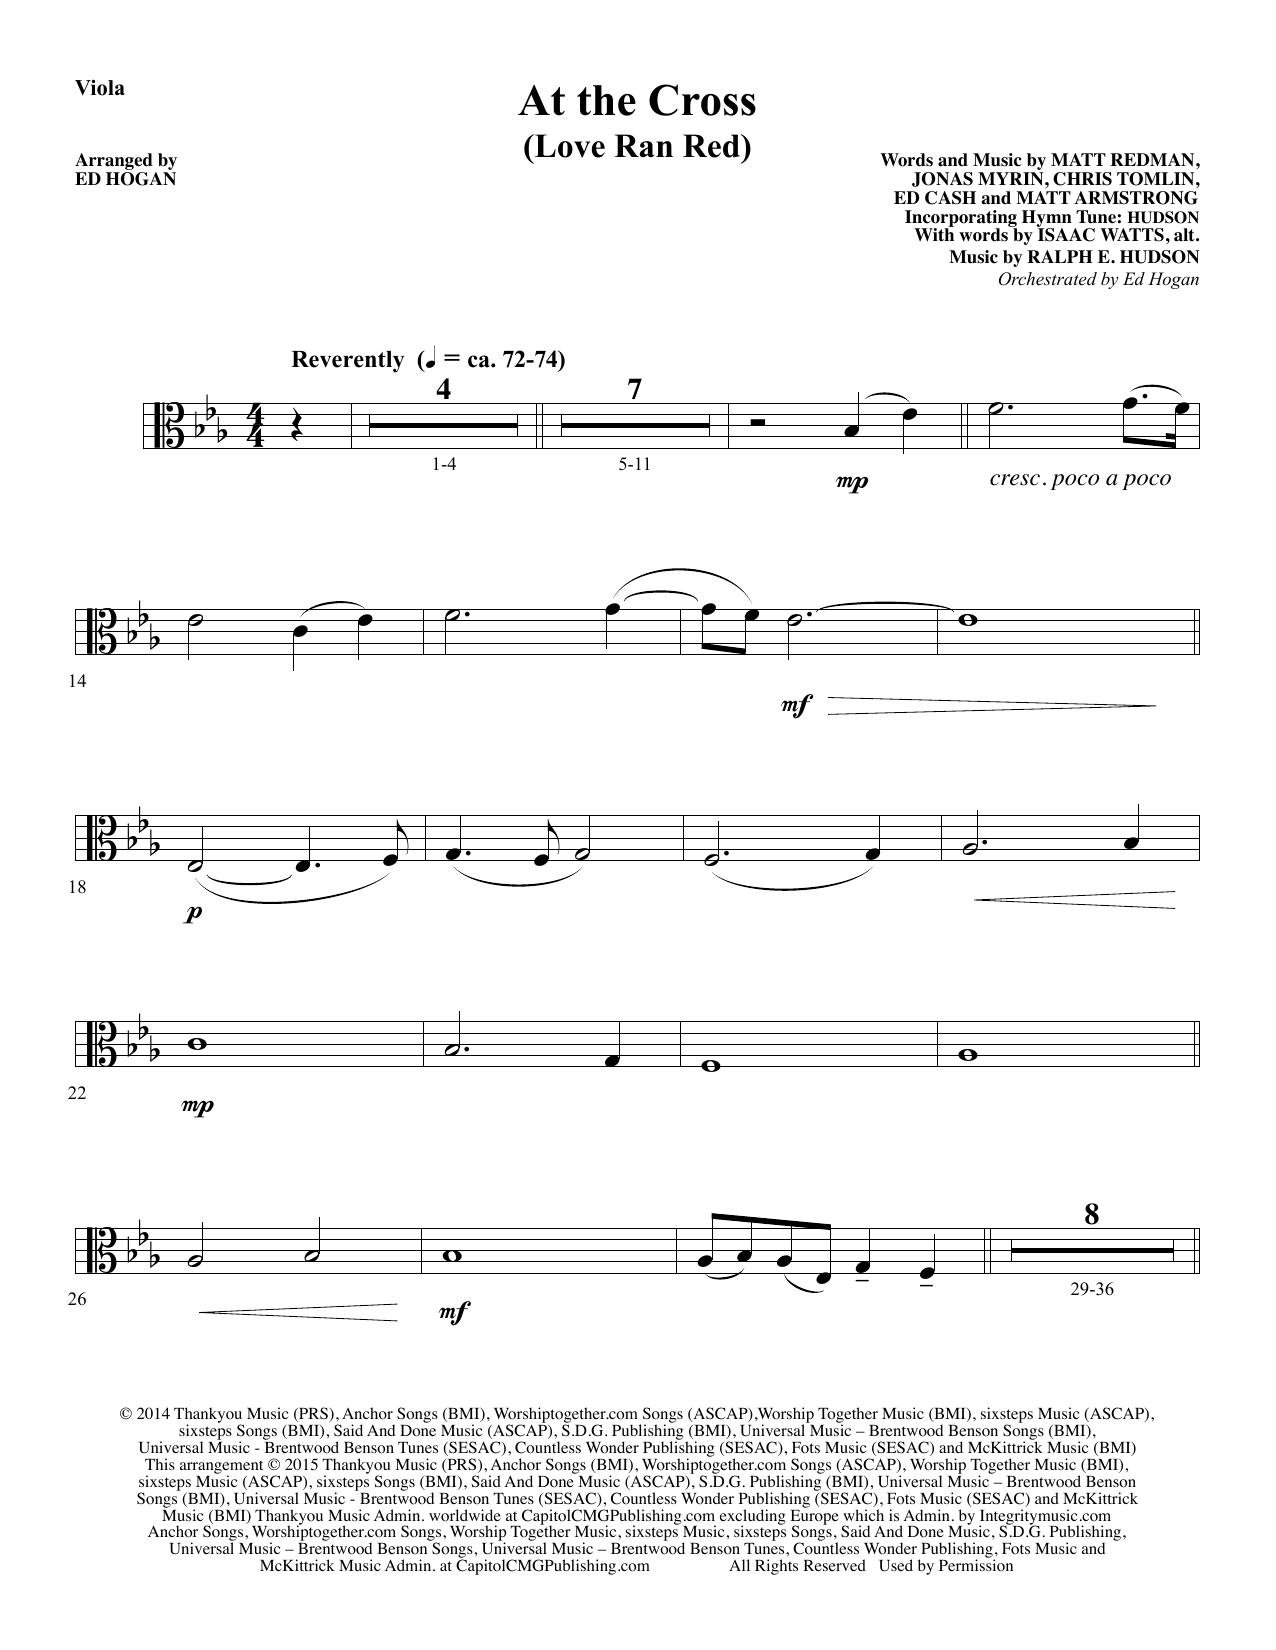 At the Cross - Viola sheet music